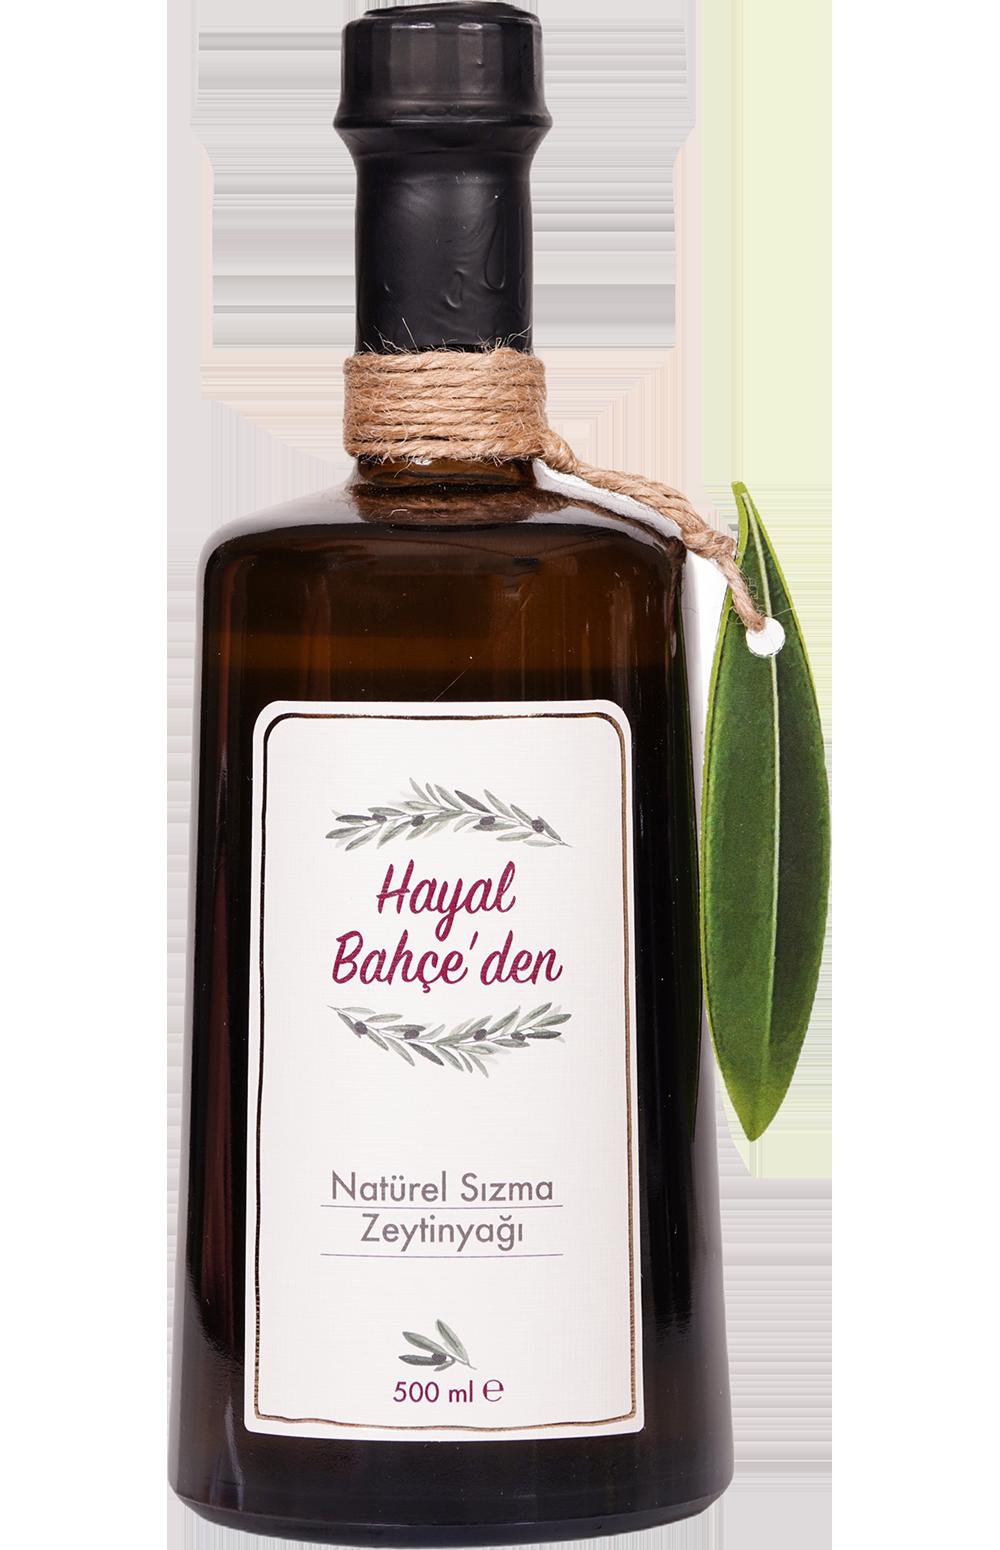 Hayal Bahce'den Olive Oil